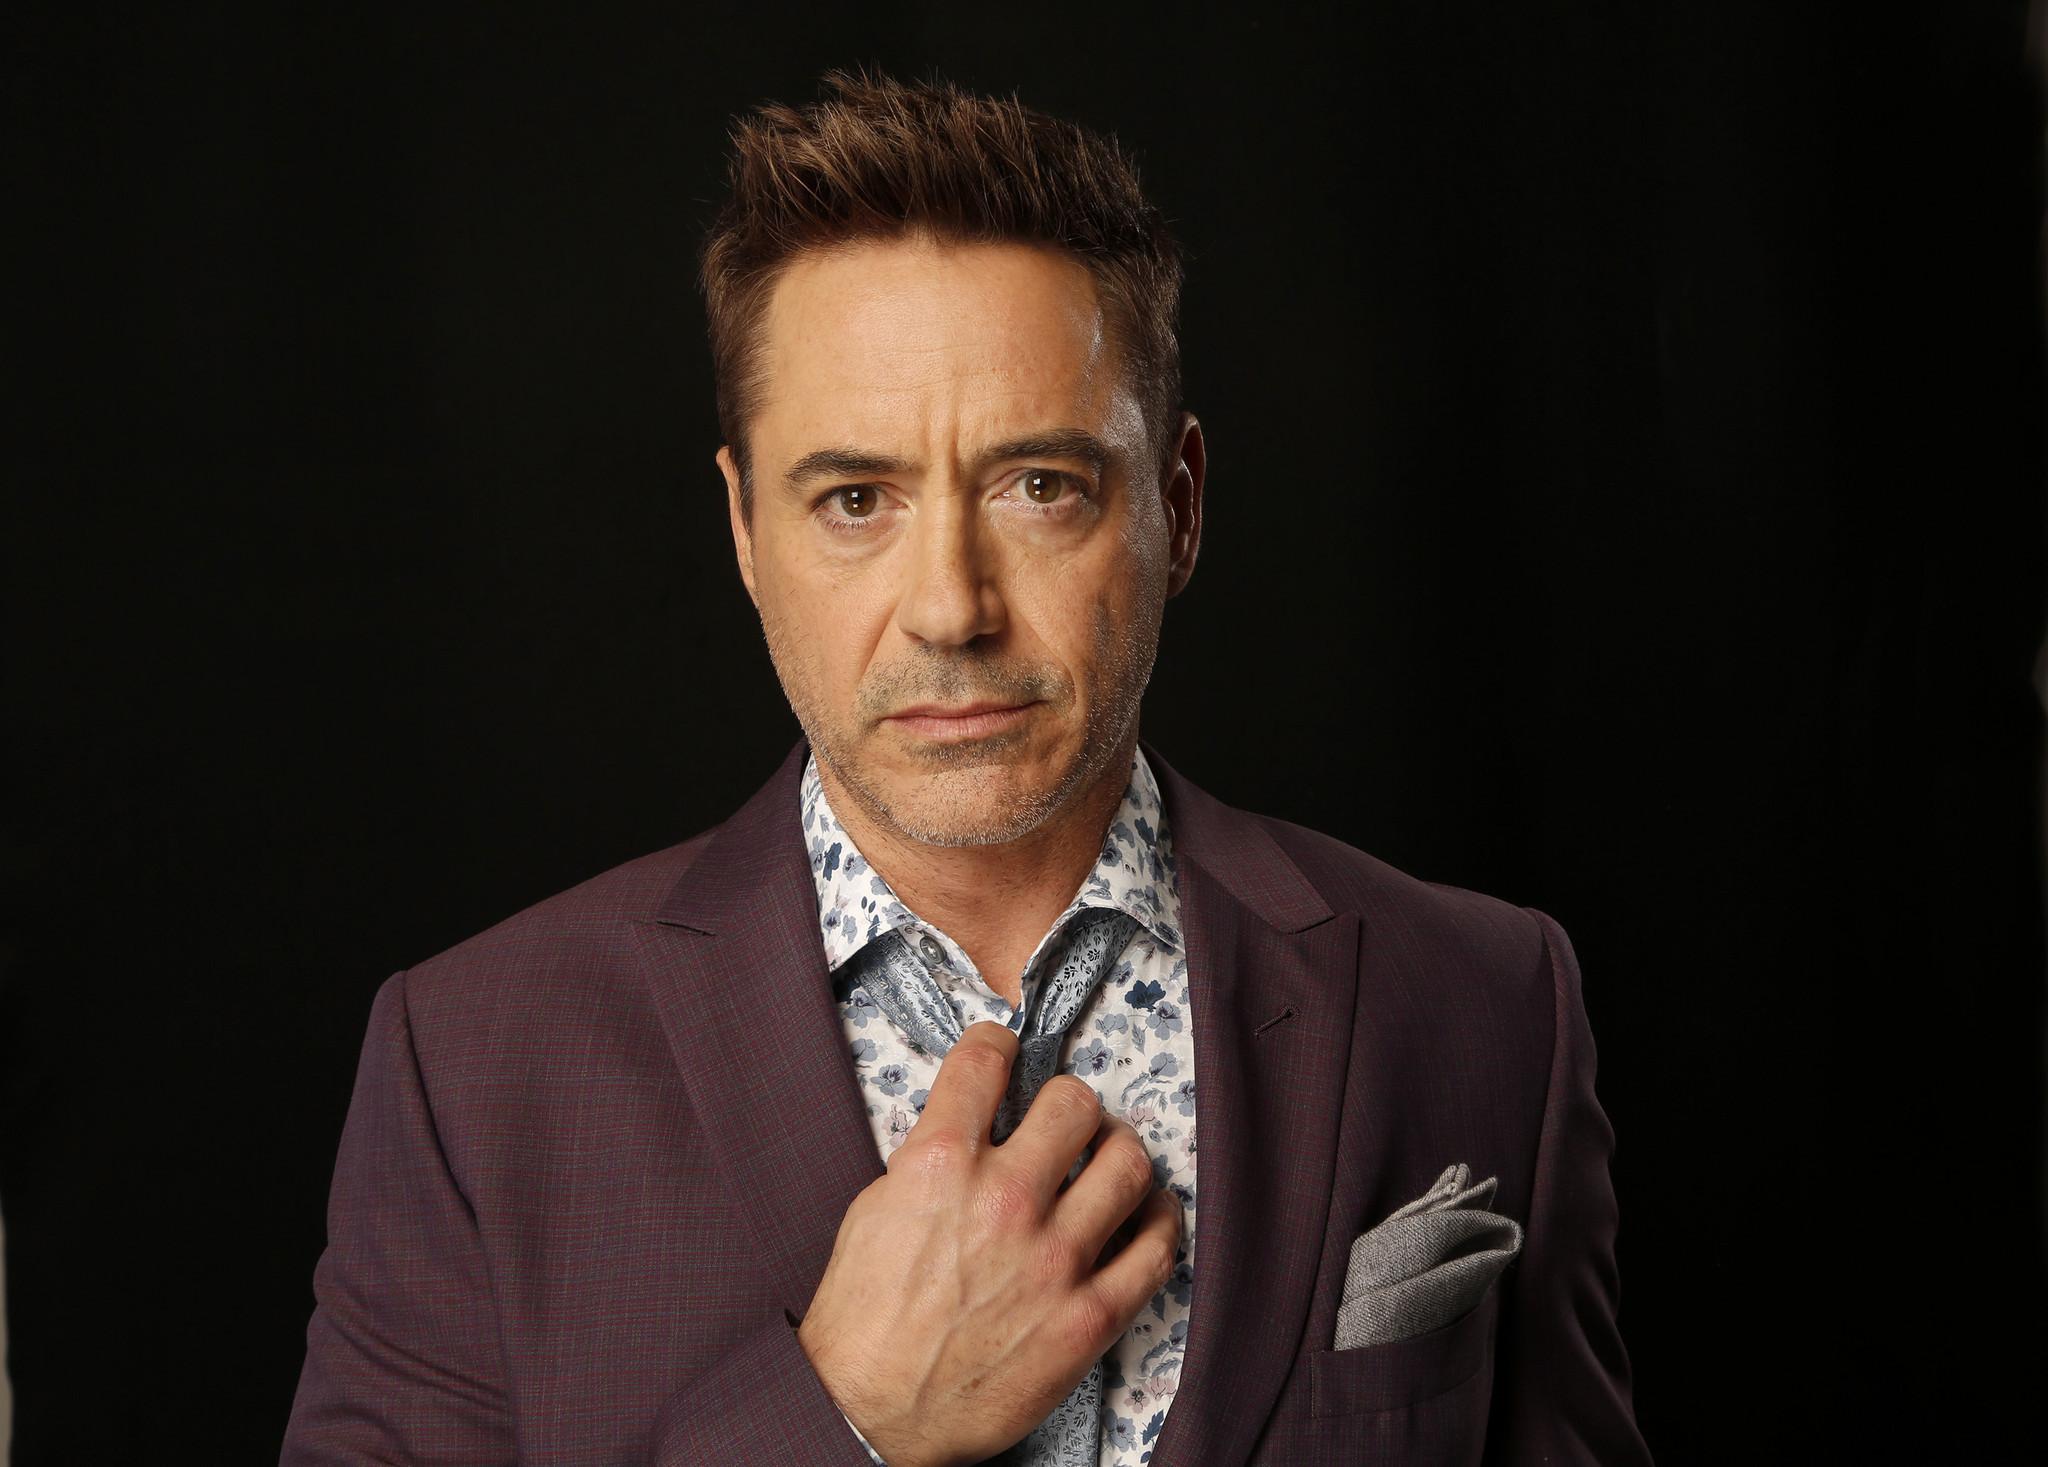 Robert Downey Jr Life In Pictures Chicago Tribune